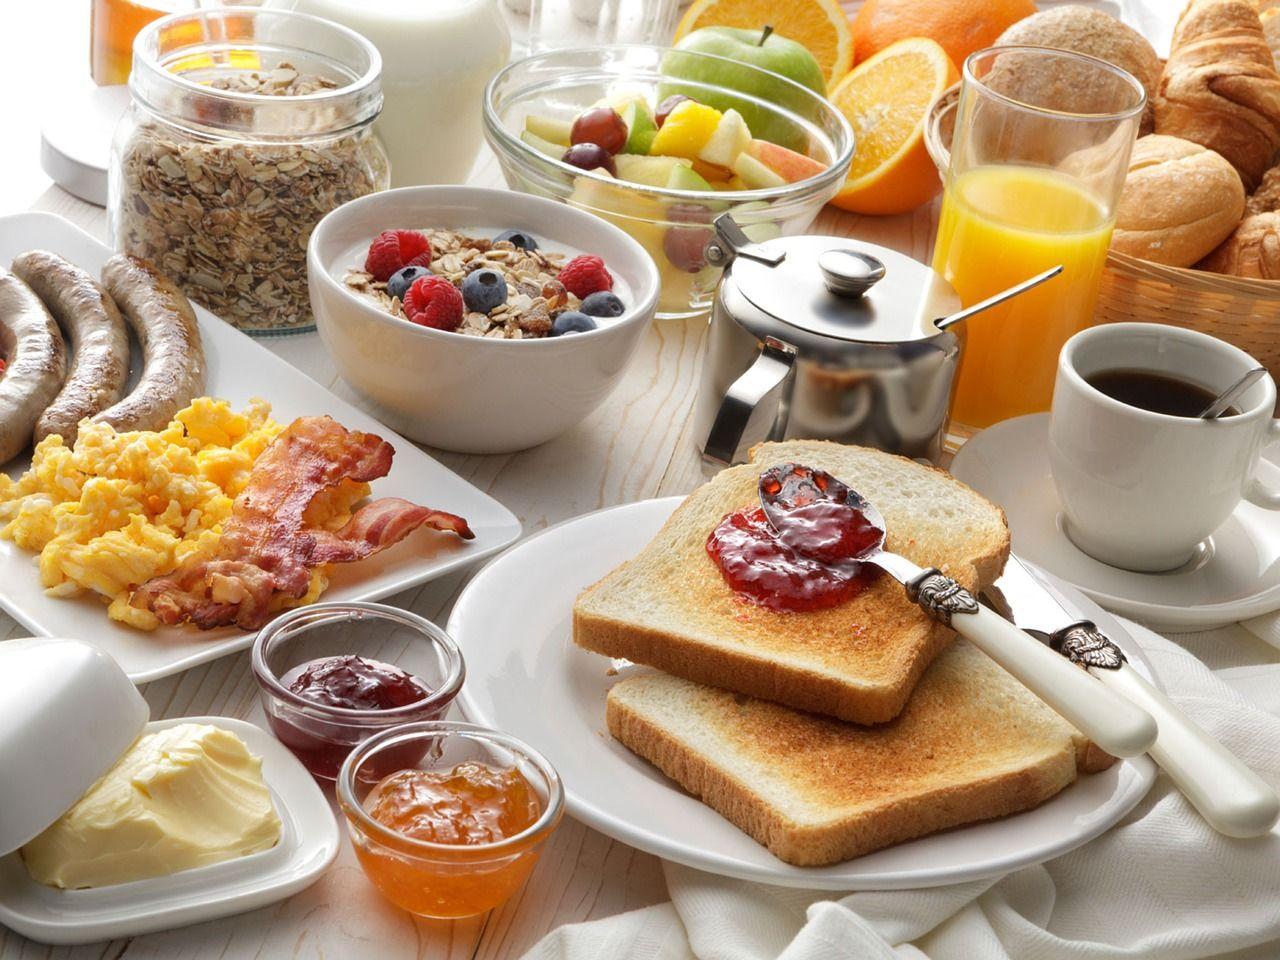 5. Berikan menu makanan variatif